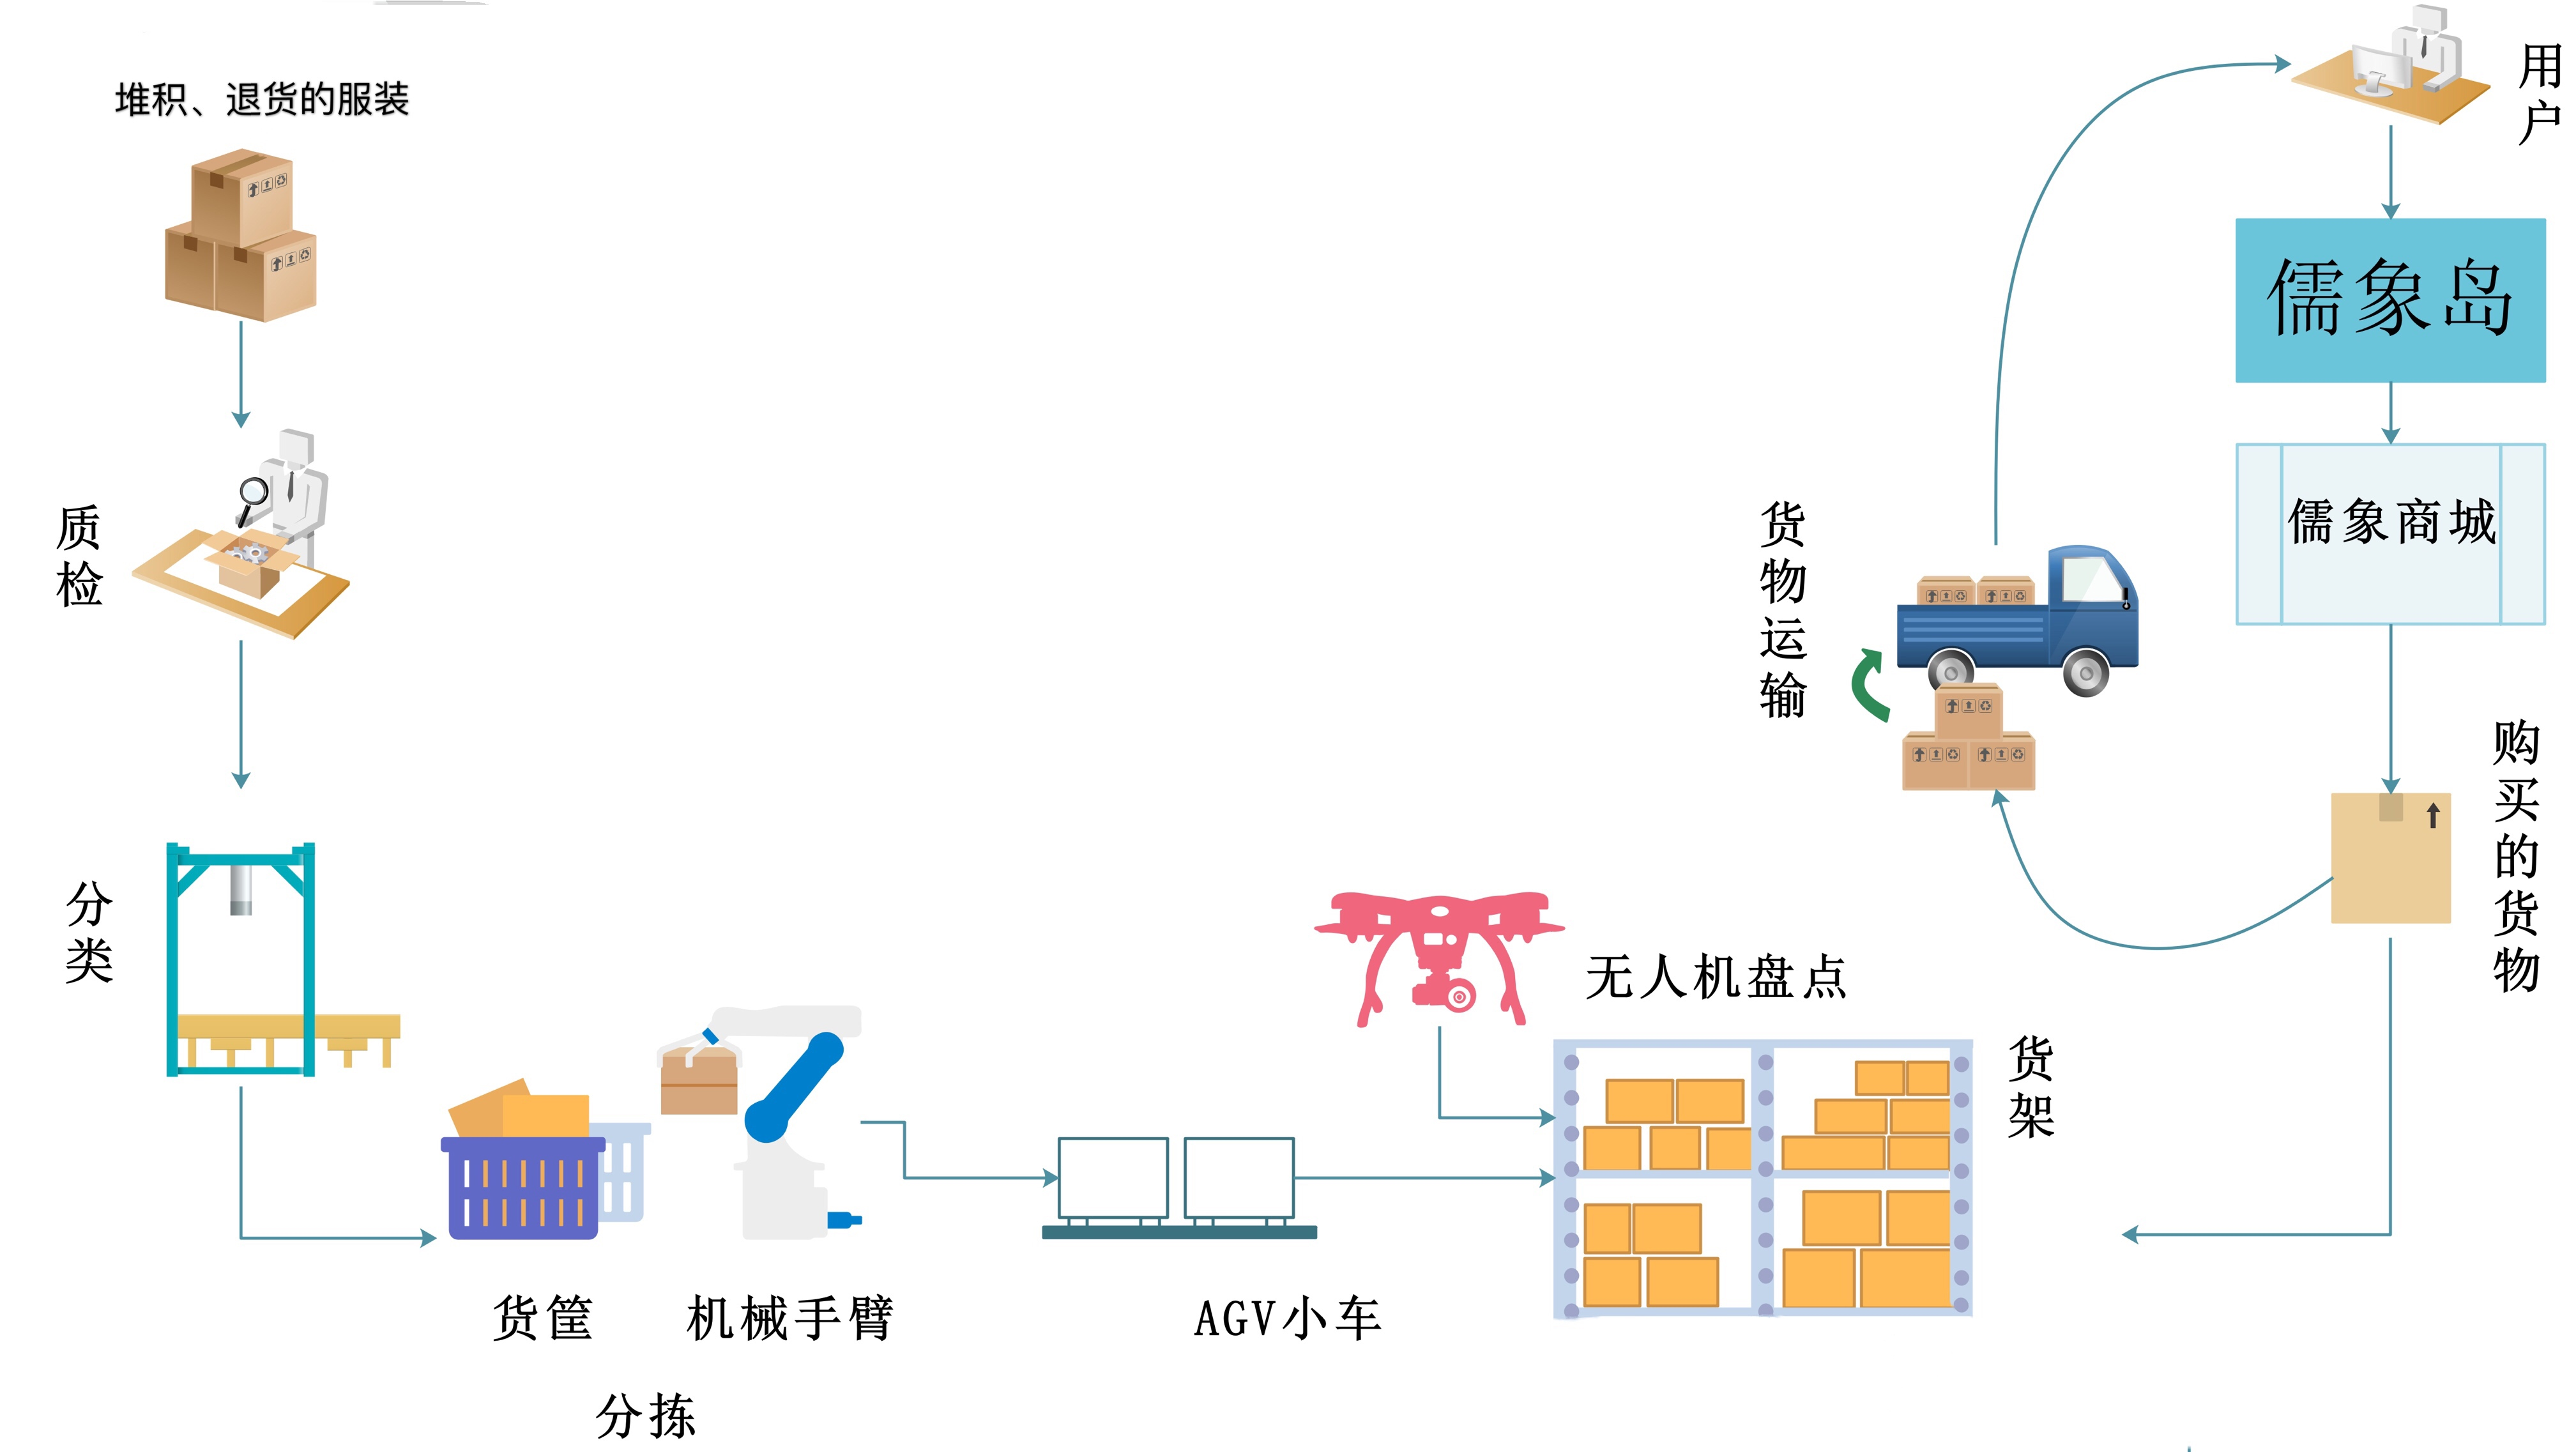 实验室运行概念图1